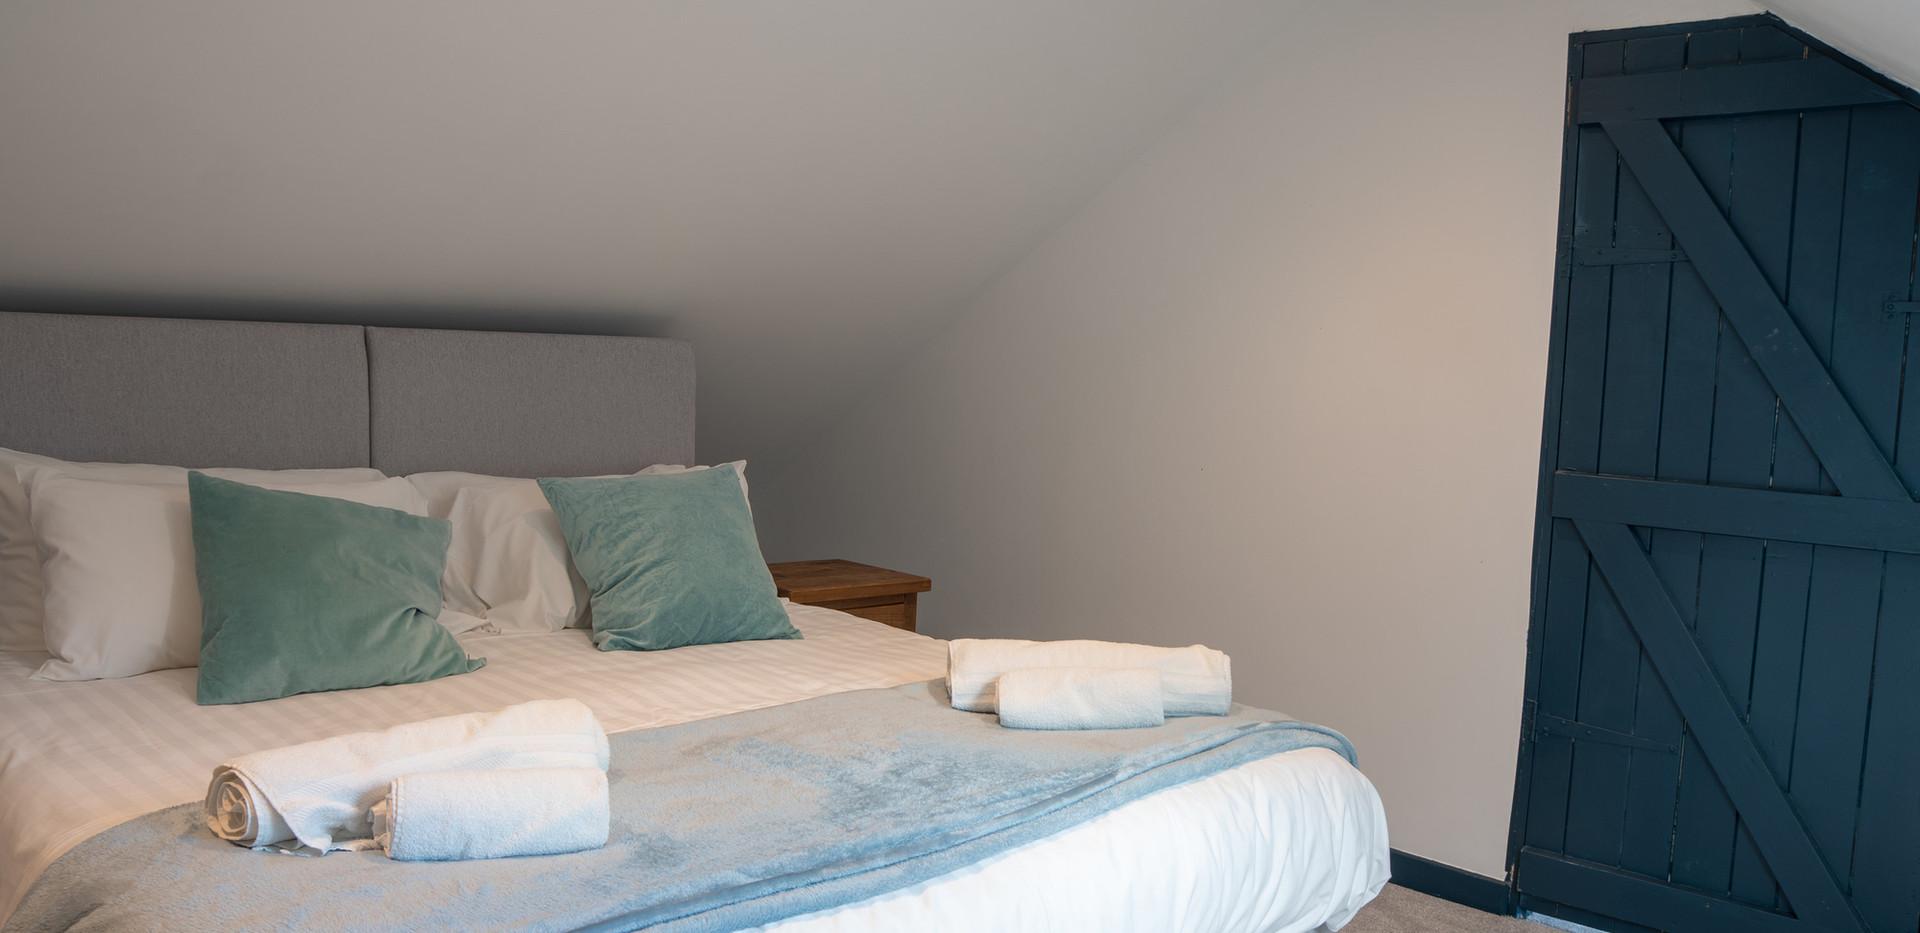 Derwent Bedroom 2.jpg